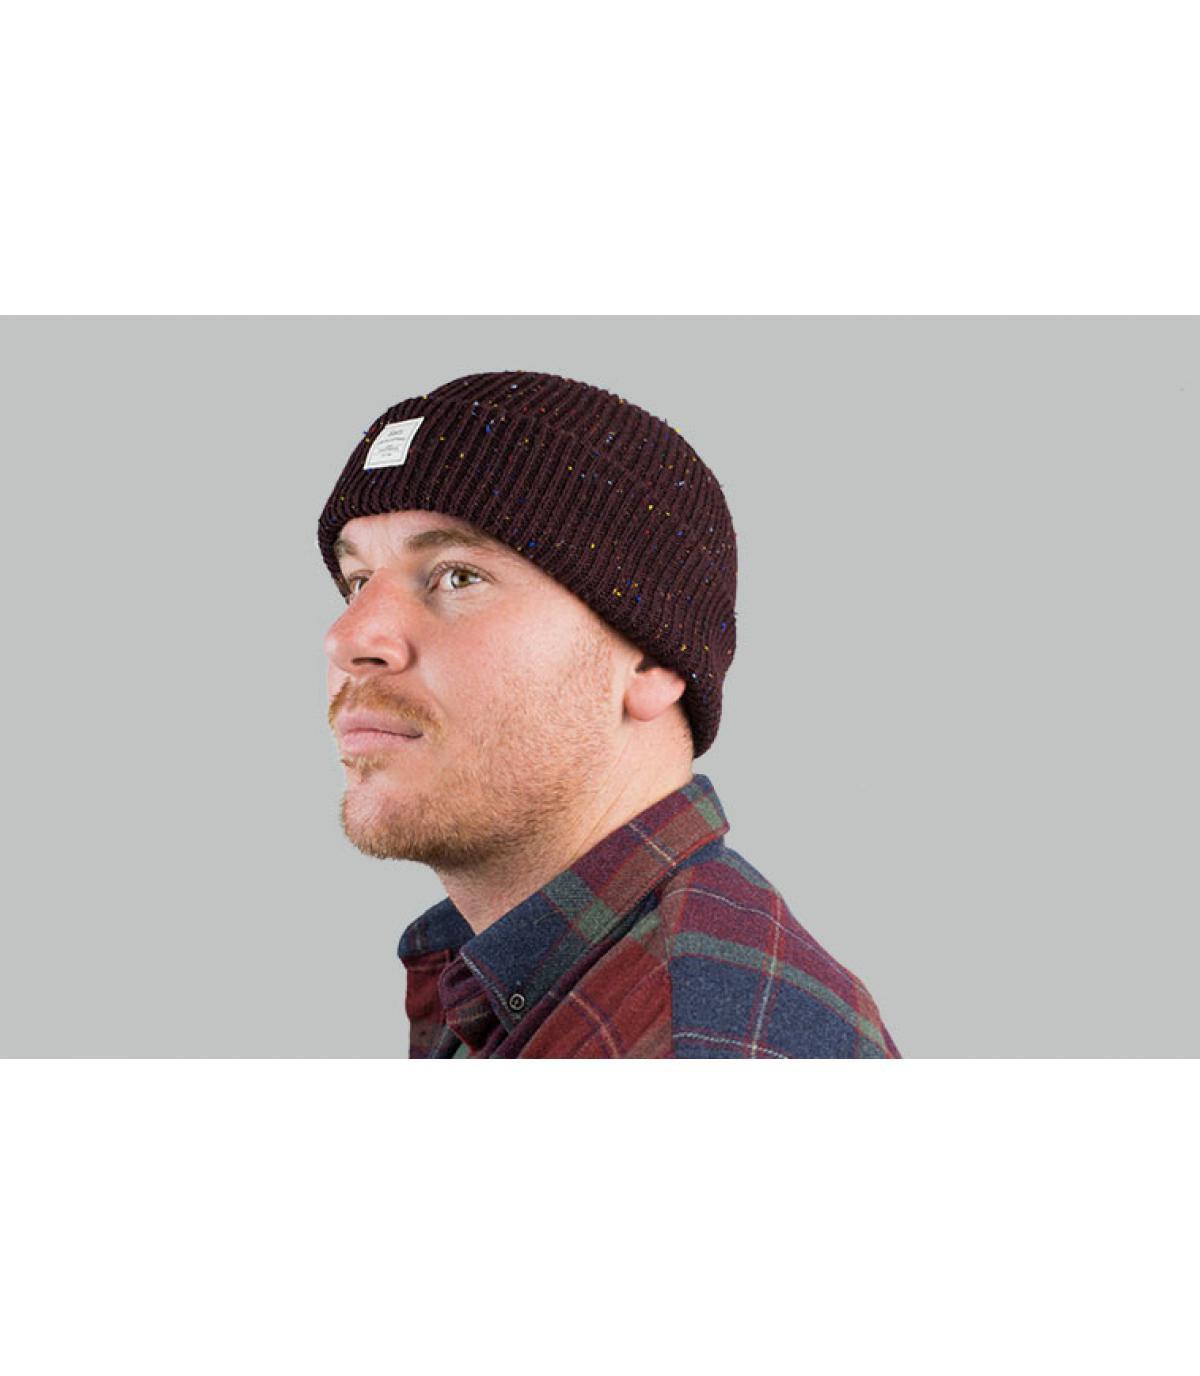 cappello bordeaux bordeaux